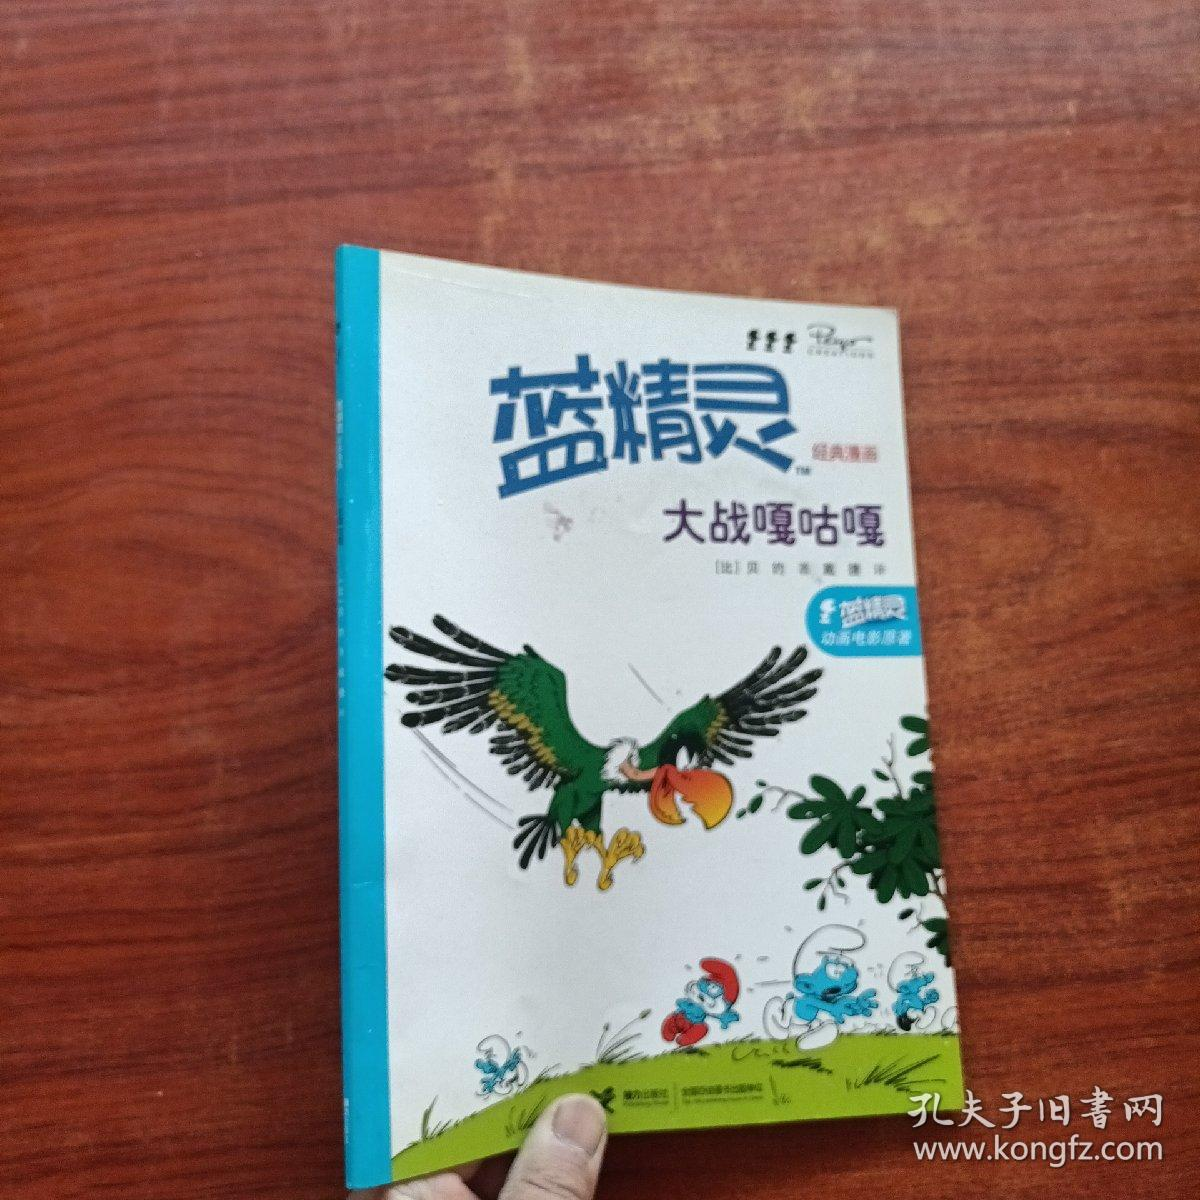 蓝精灵经典漫画:大战嘎咕嘎